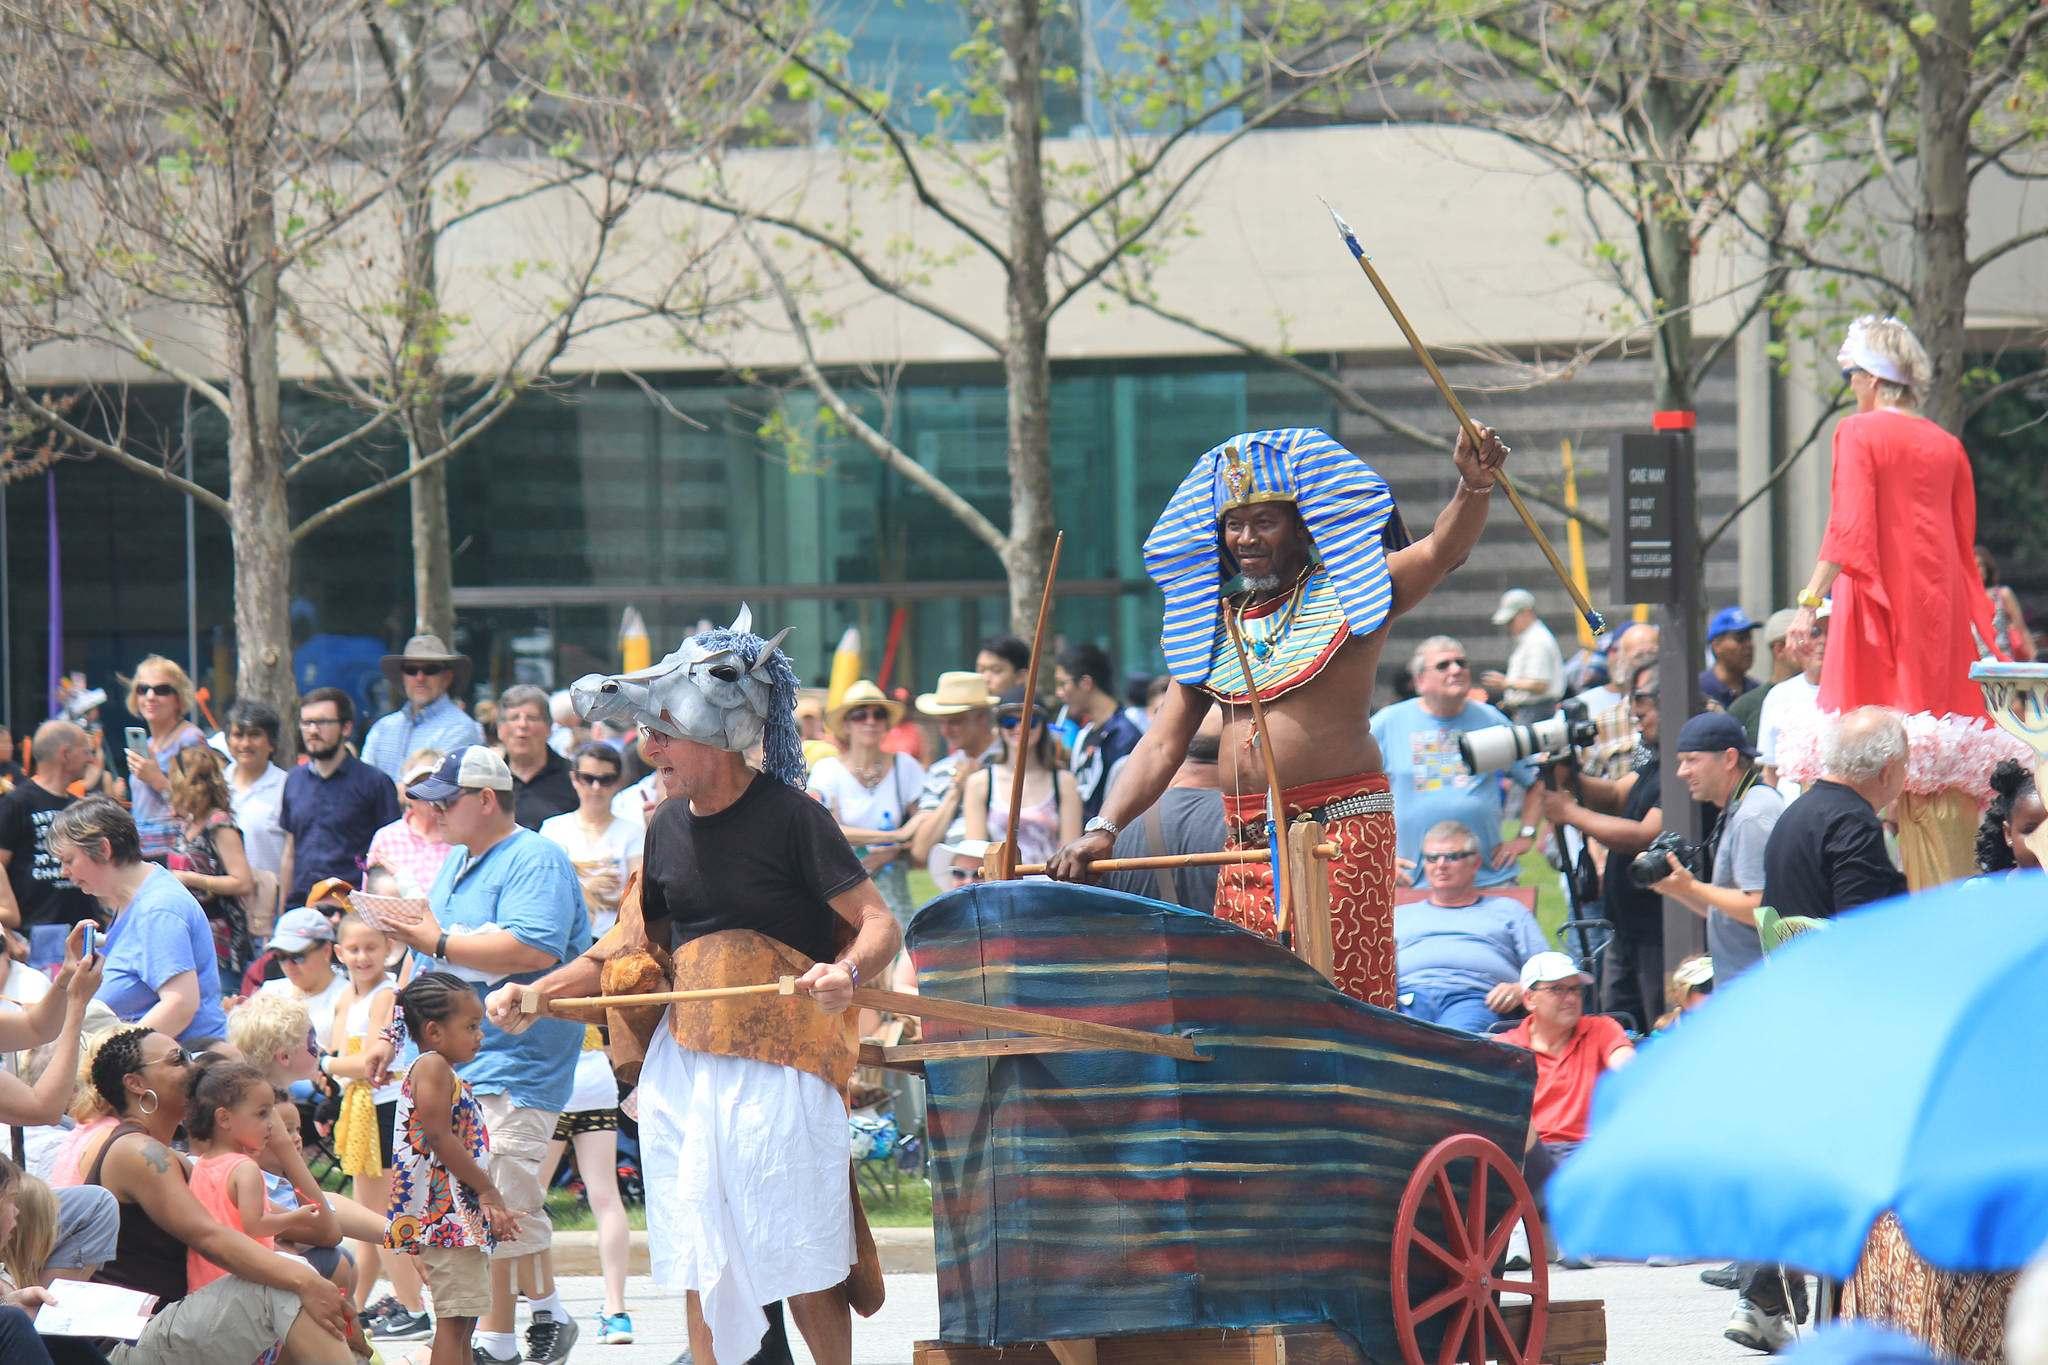 parade circle8 2017 Parade the Circle in Cleveland